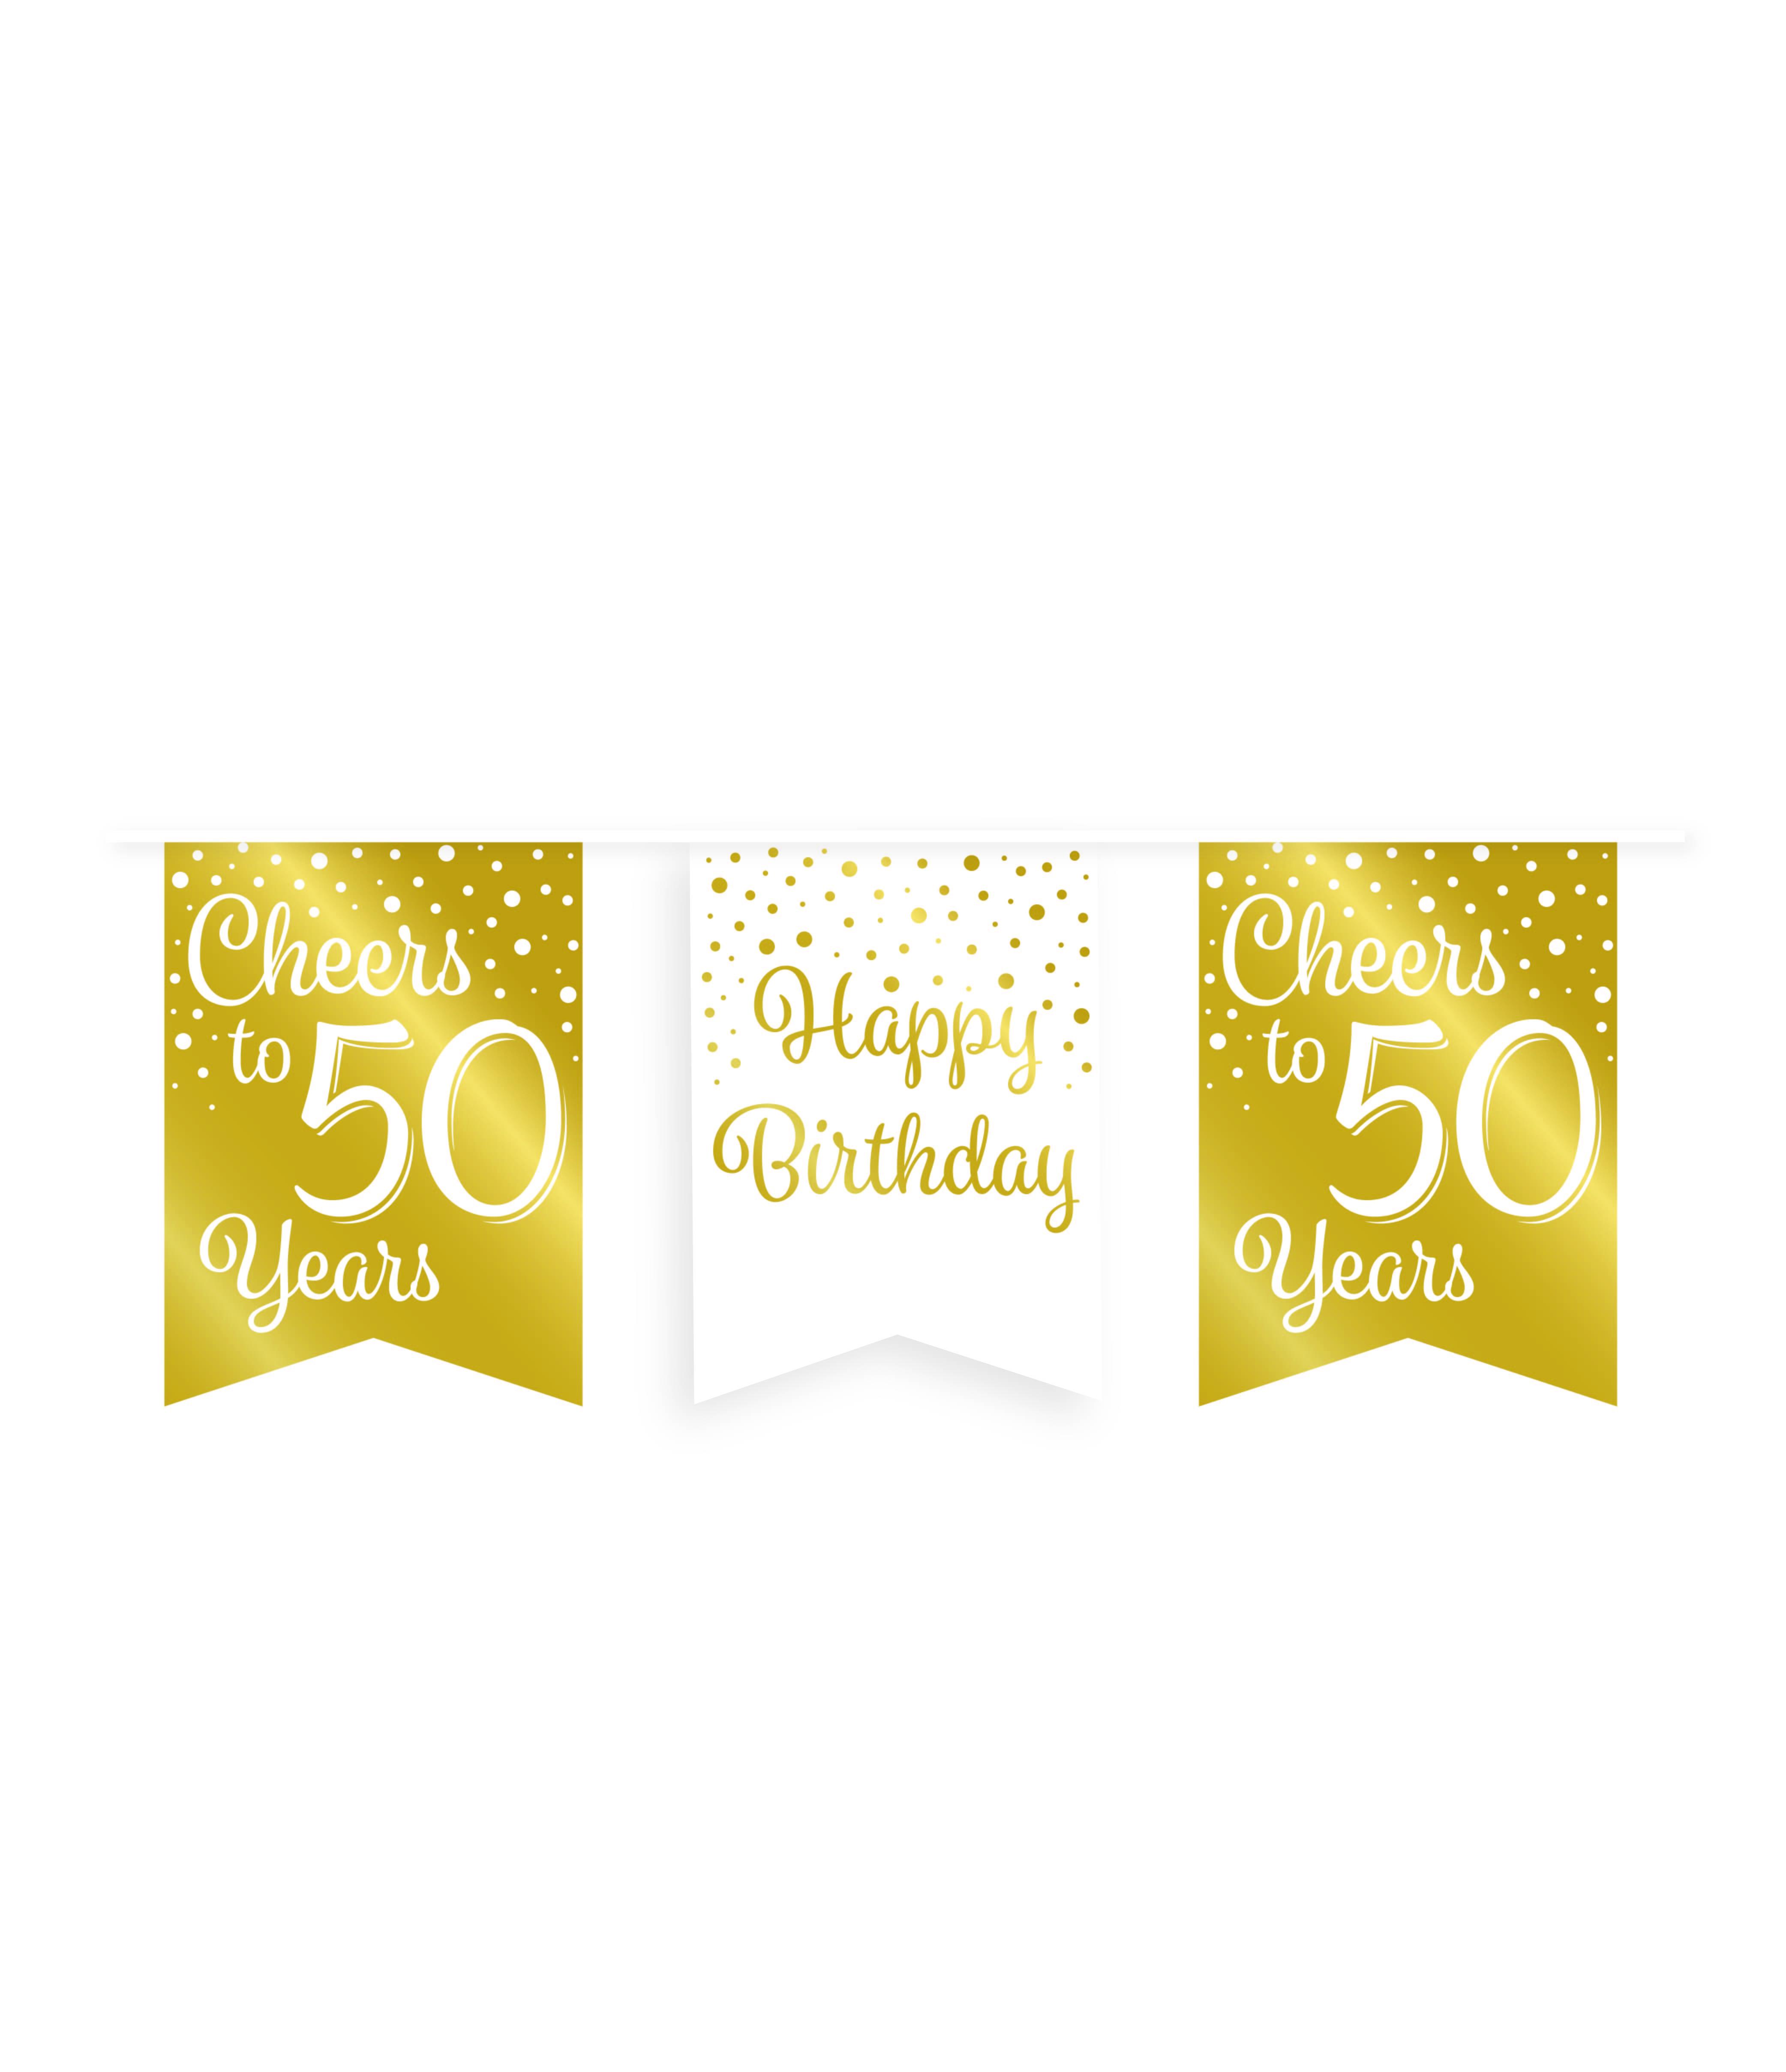 6m Vlaggenlijn Goud/Wit Cheers to 50 Years